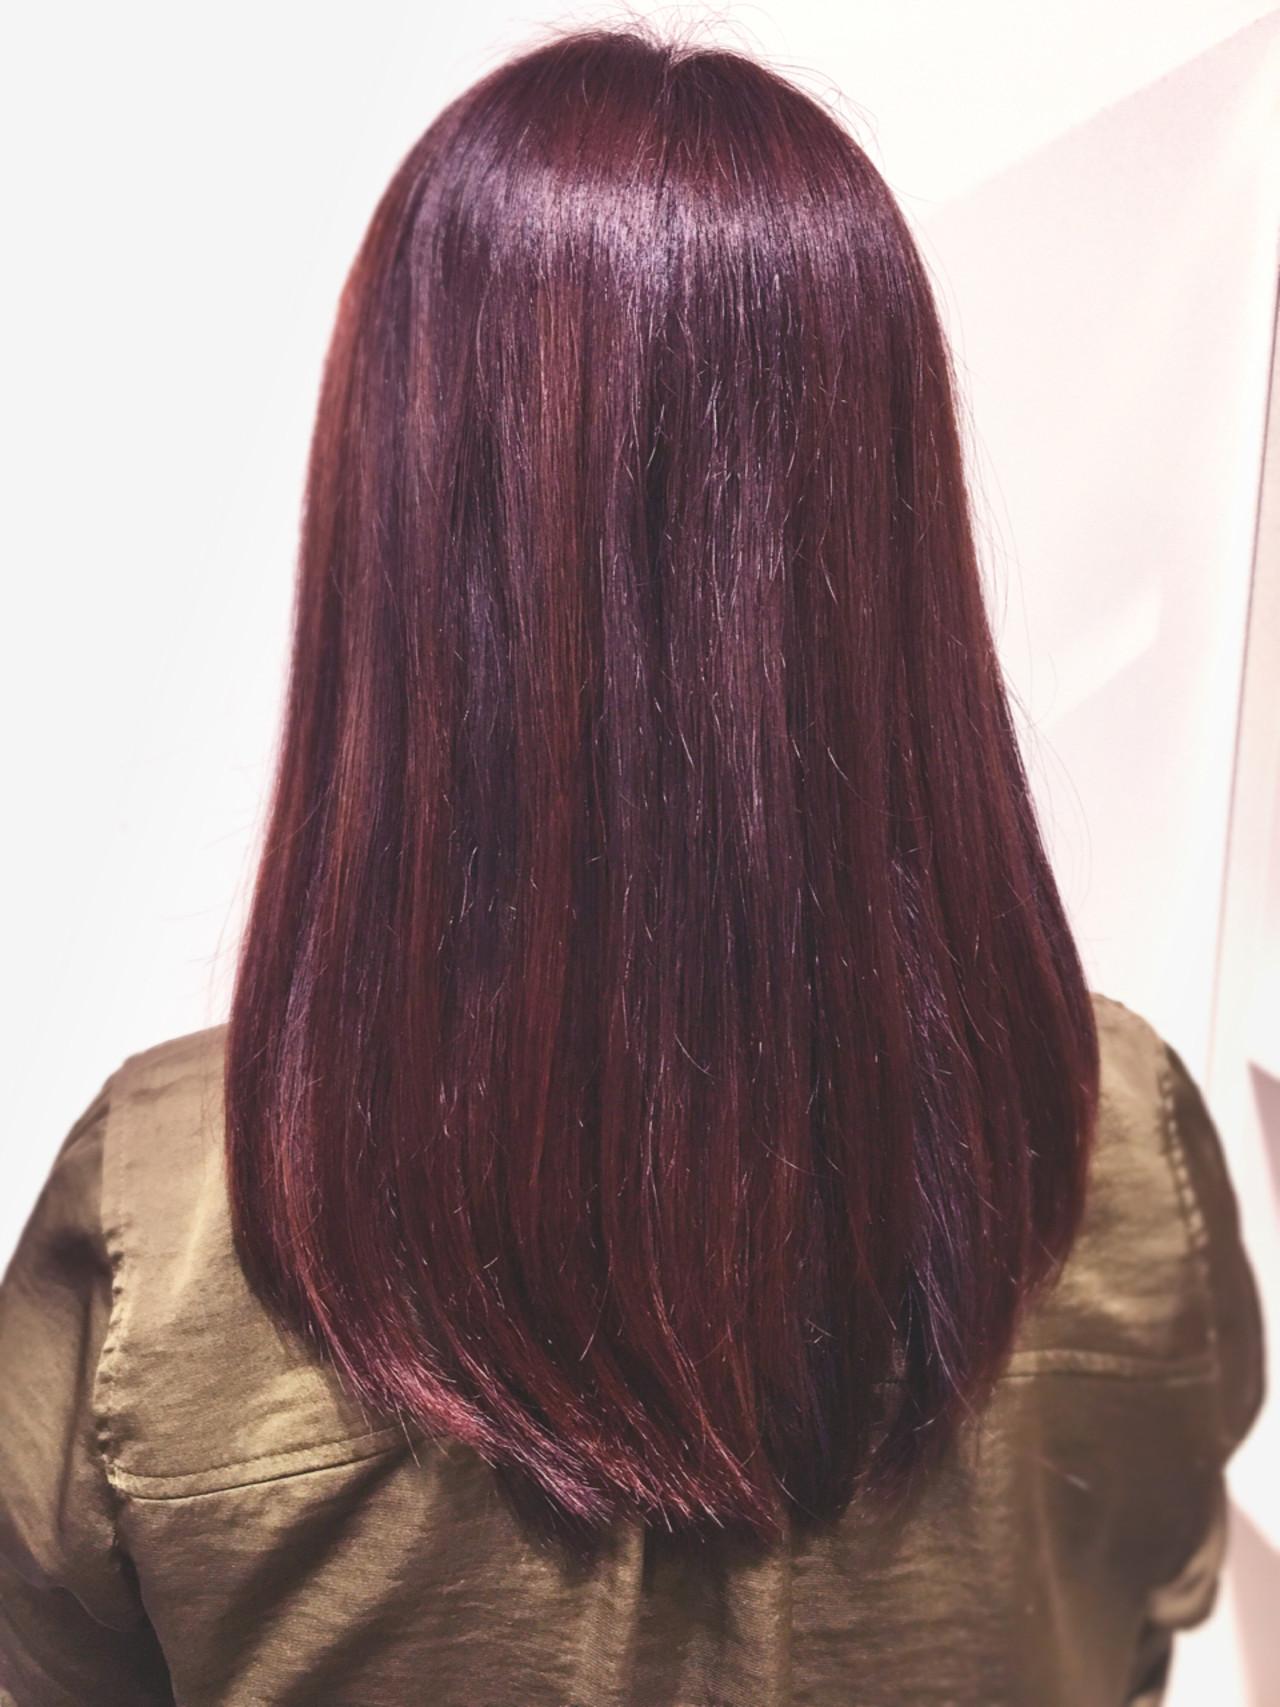 ガーリー ハイライト グラデーションカラー ブリーチ ヘアスタイルや髪型の写真・画像